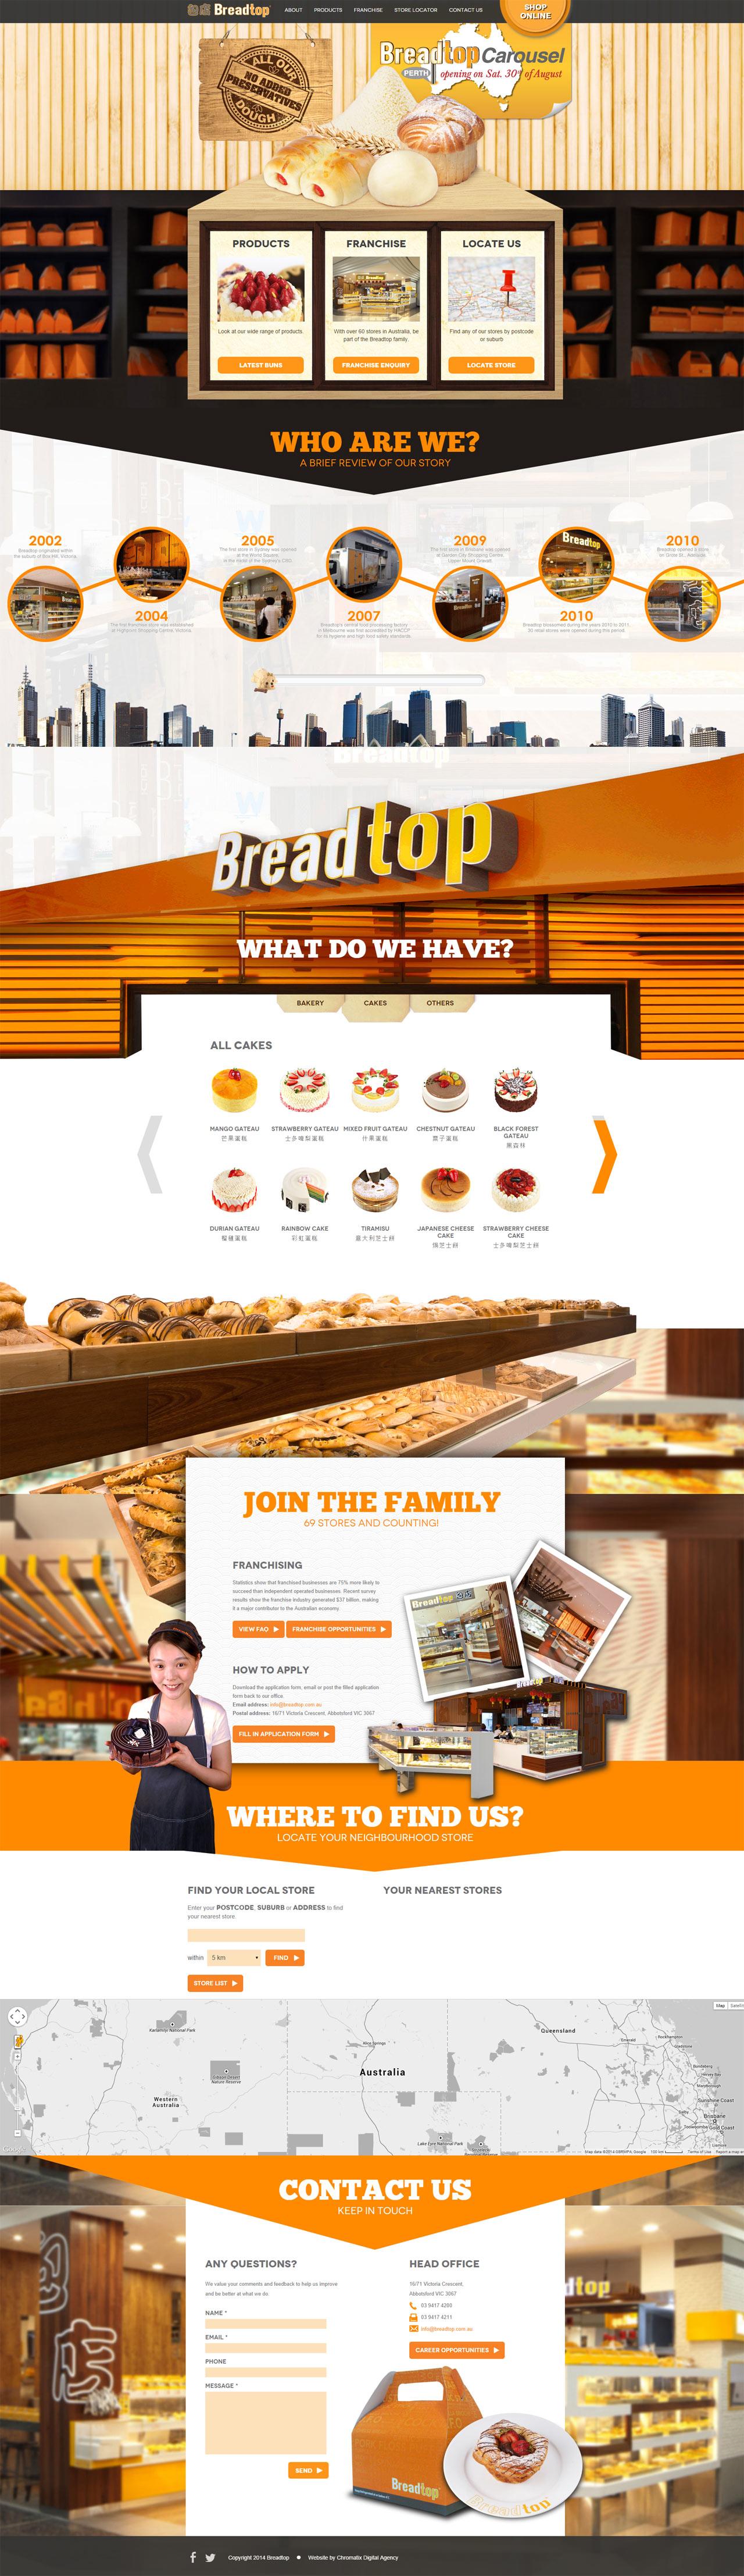 Breadtop Website Screenshot